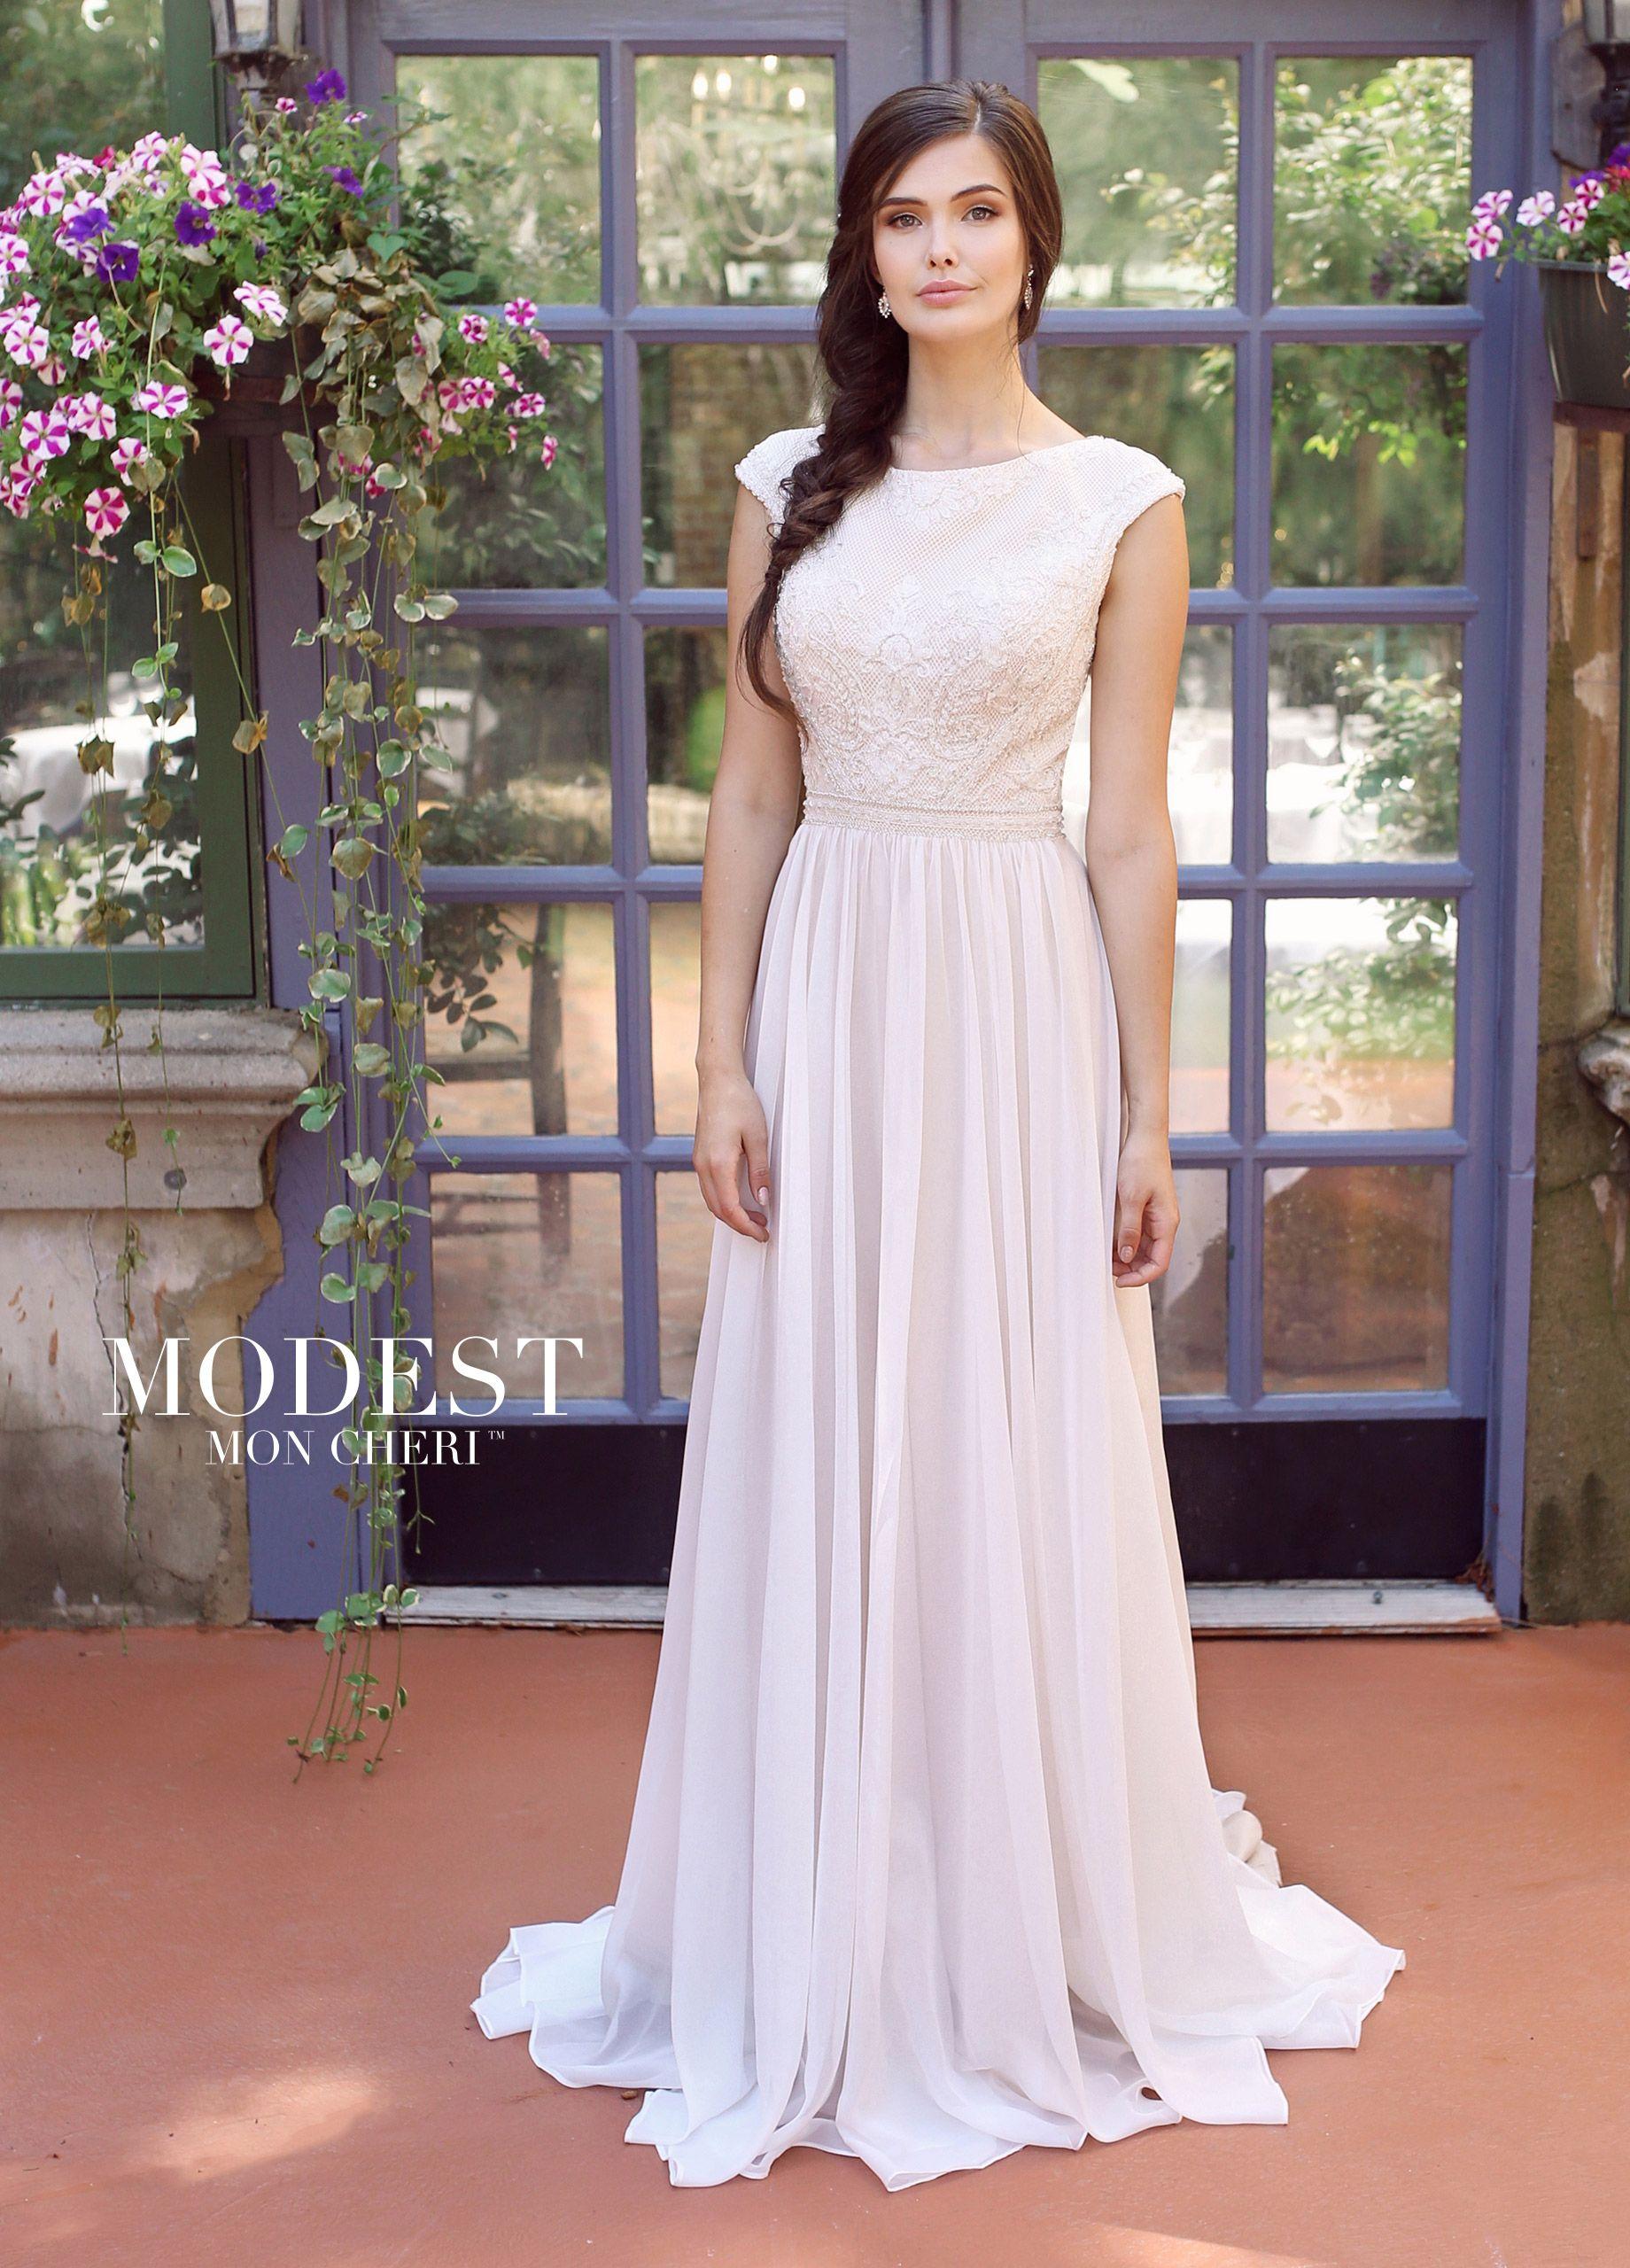 Lace cap sleeve a line wedding dress  Modest Chiffon u Lace ALine Wedding Dress with Cap Sleeves  Modest